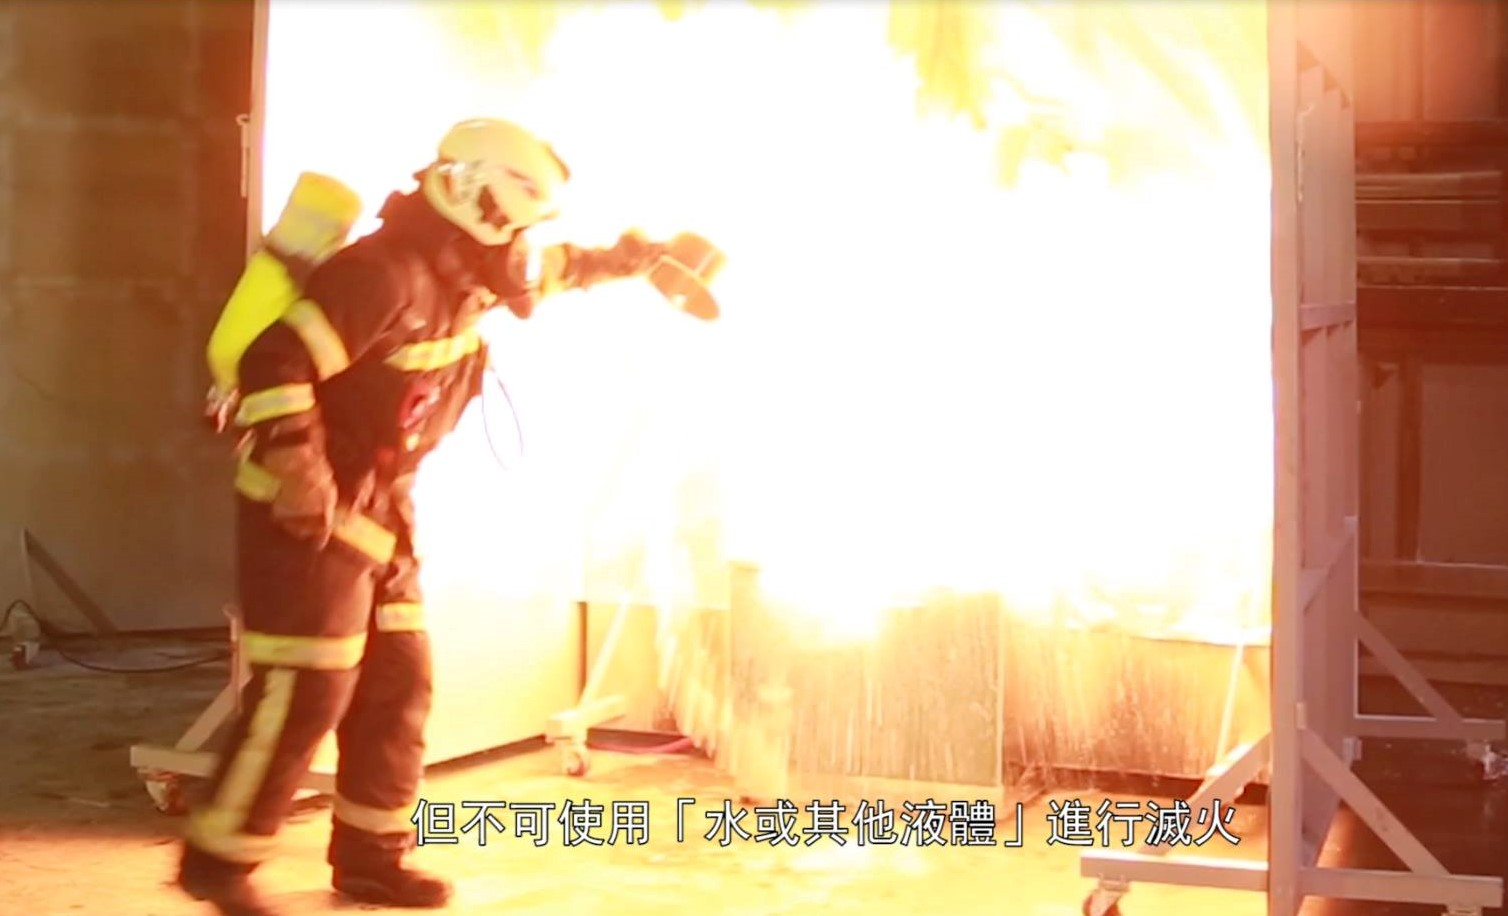 油鍋起火、滅火